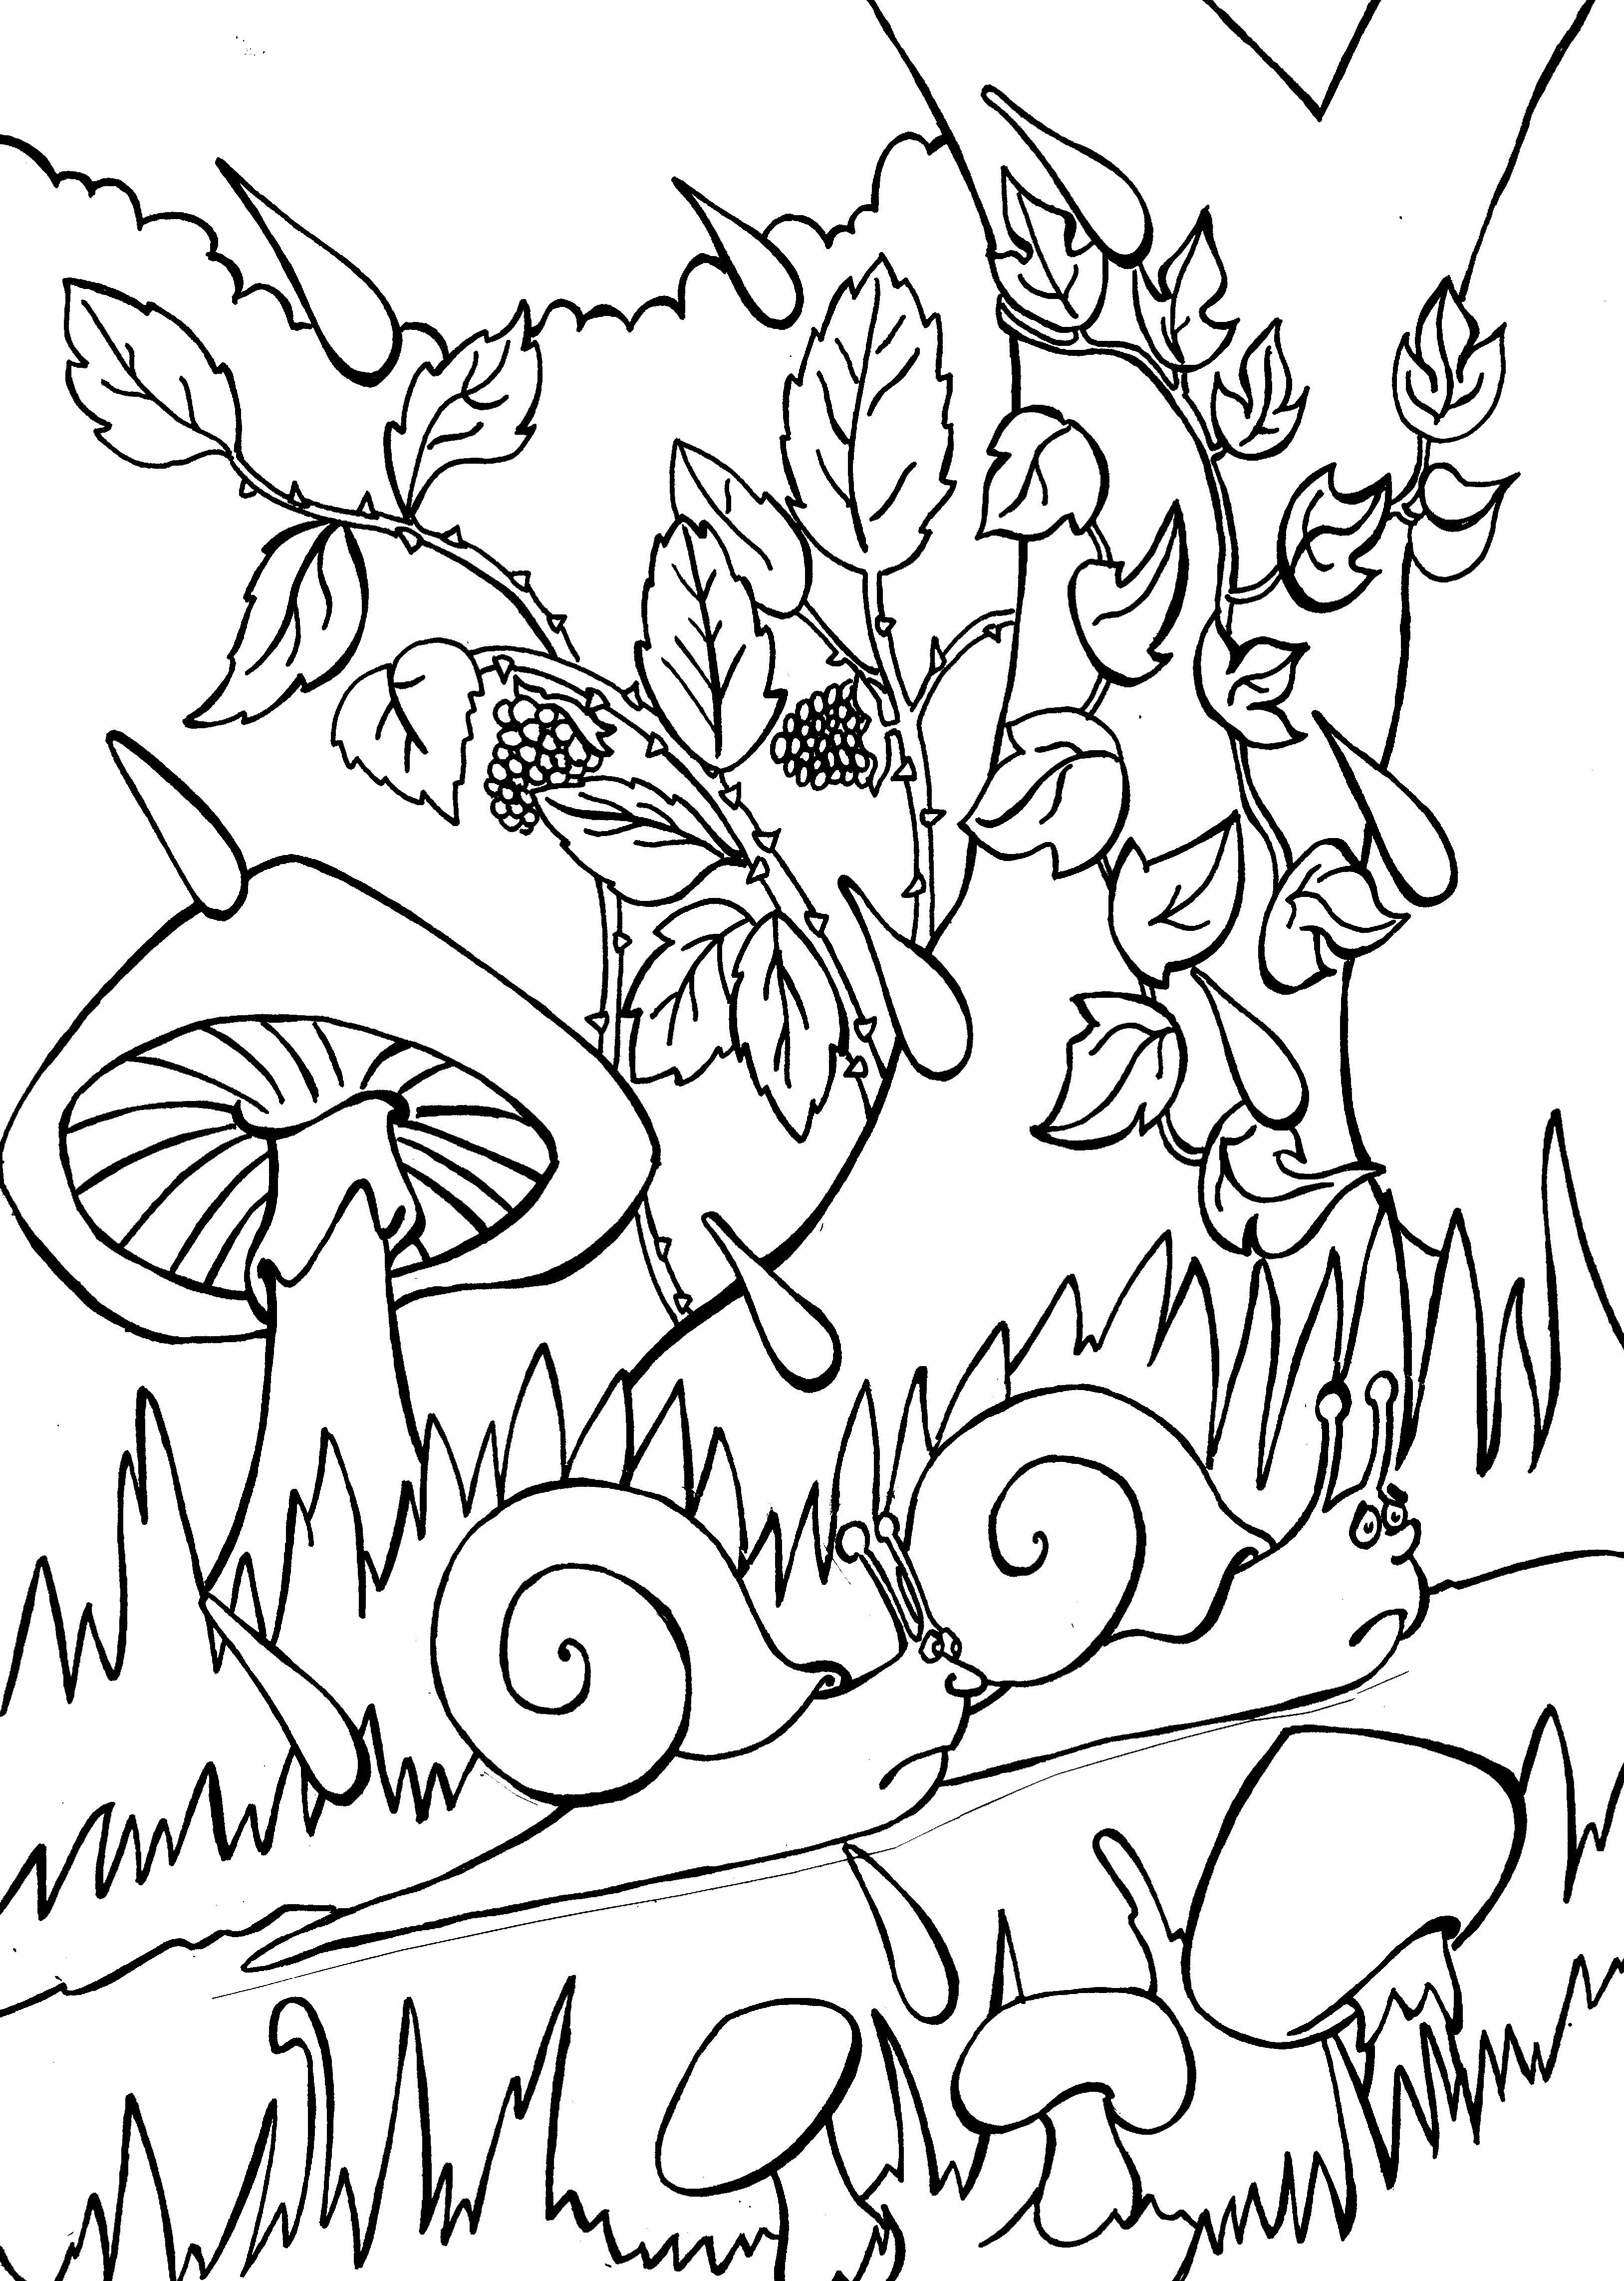 Jacques Prévert Chanson Des Escargots Qui Vont A L'enterrement : jacques, prévert, chanson, escargots, l'enterrement, Aujourd'hui, Janvier,, Tasse, Tisane, Réchauffer, Escargots.